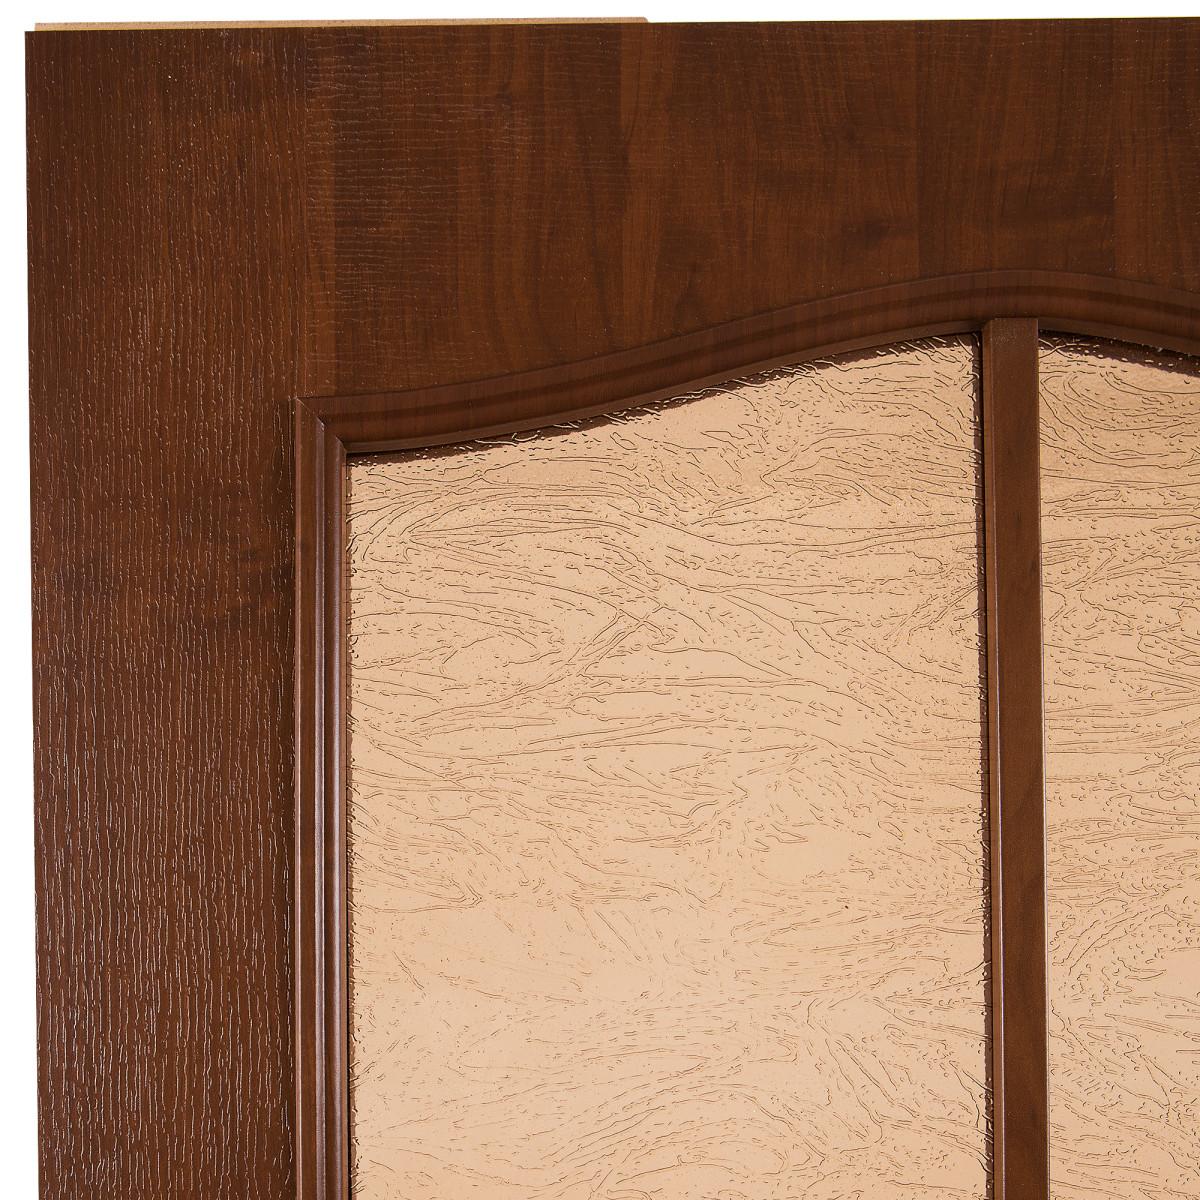 Дверь Межкомнатная Остеклённая Антик 80x200 Пвх Цвет Дуб Коньяк